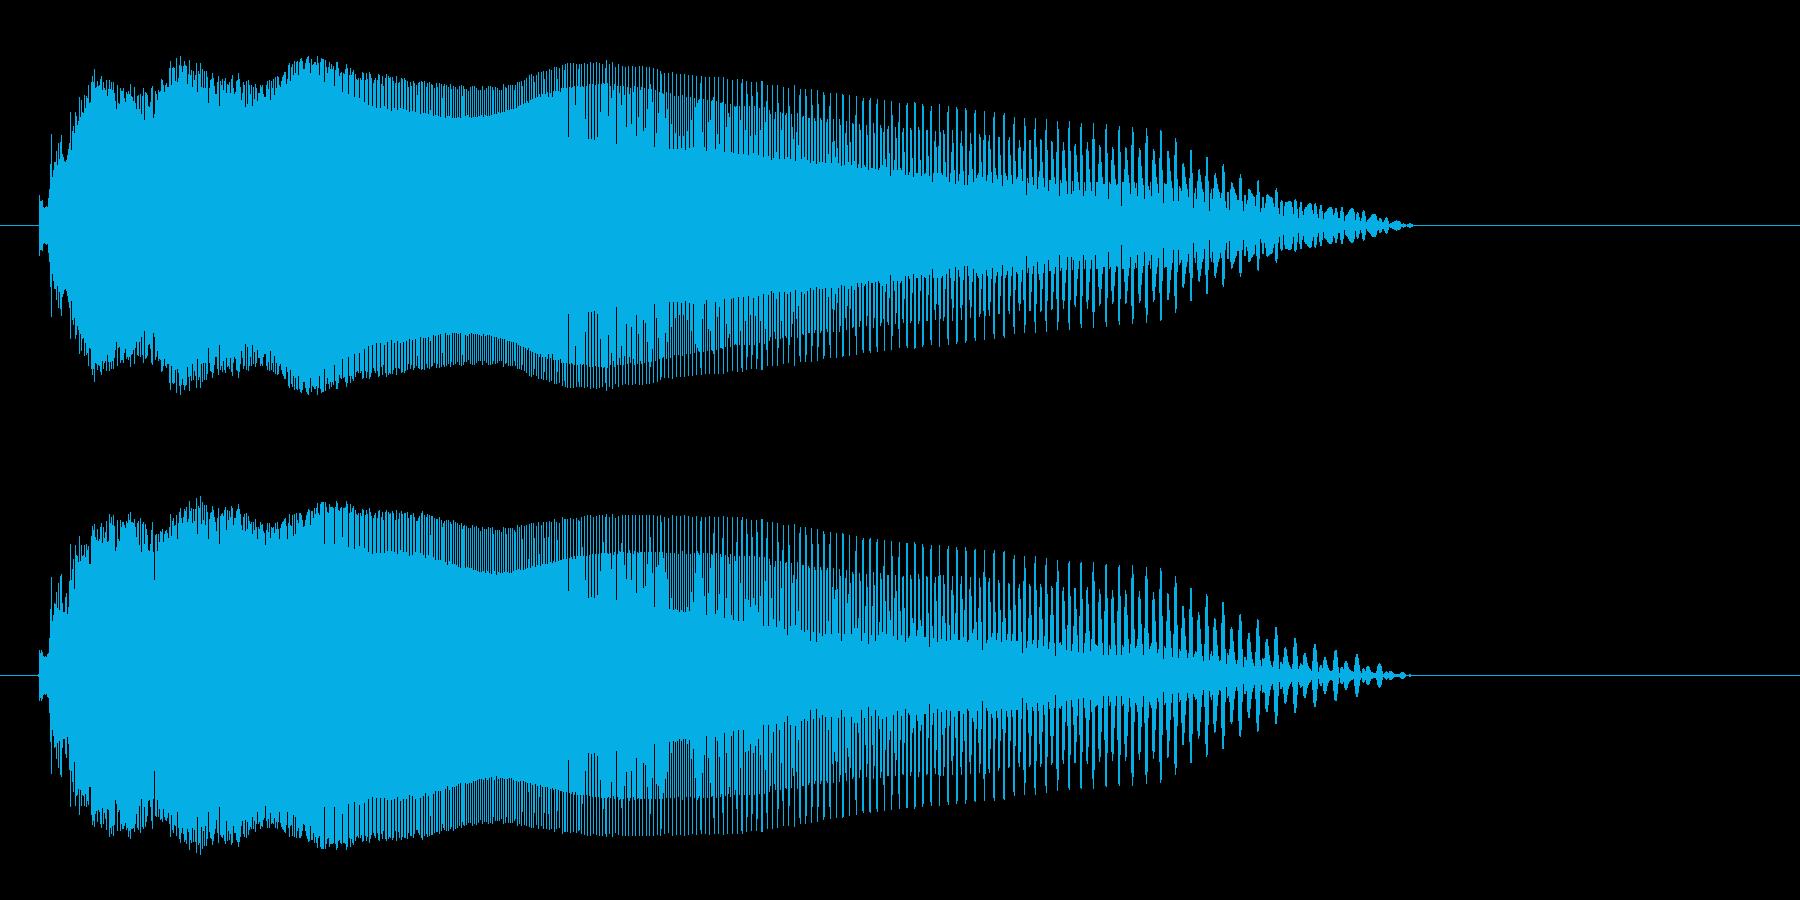 チューン(機械的な転換音)の再生済みの波形